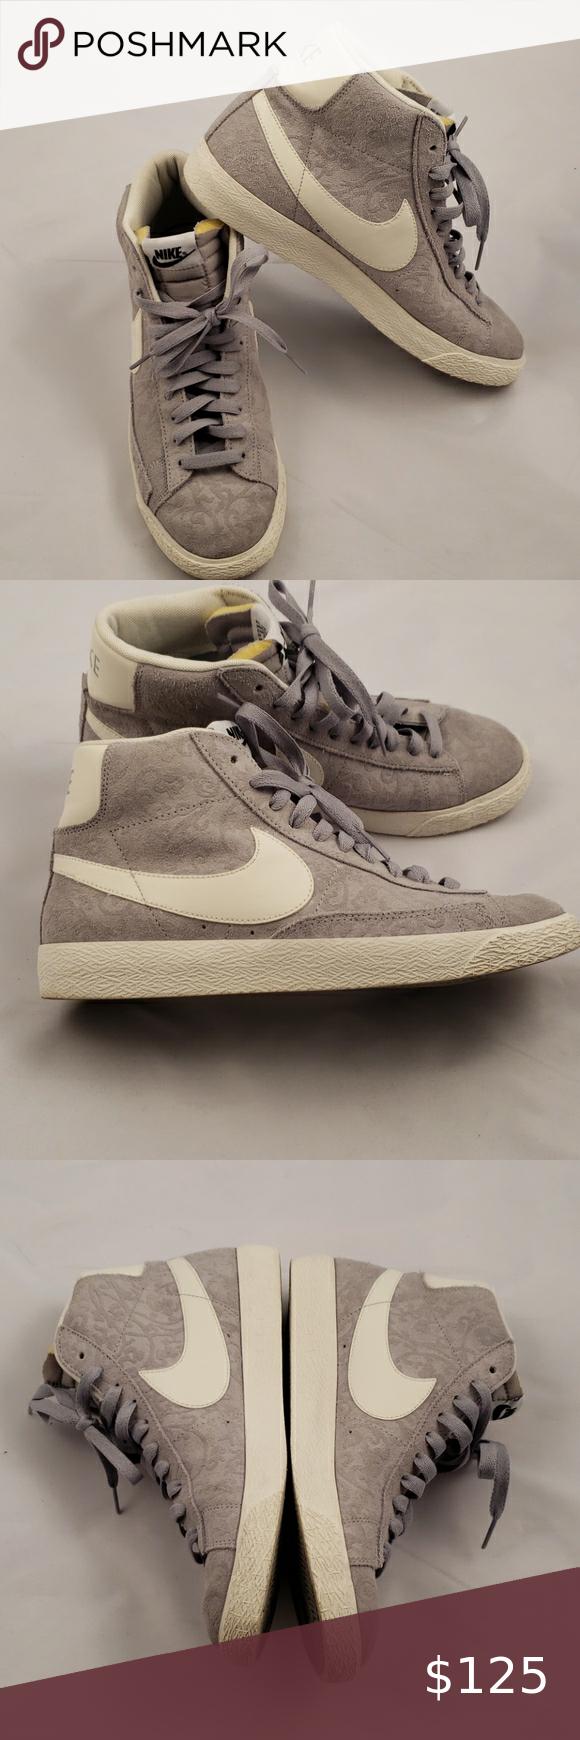 Párrafo Repeler Mediana  Nike Blazer Mid '77 Vintage 🌟Rare🌟 | Vintage nike, Nike blazer, Rare nikes